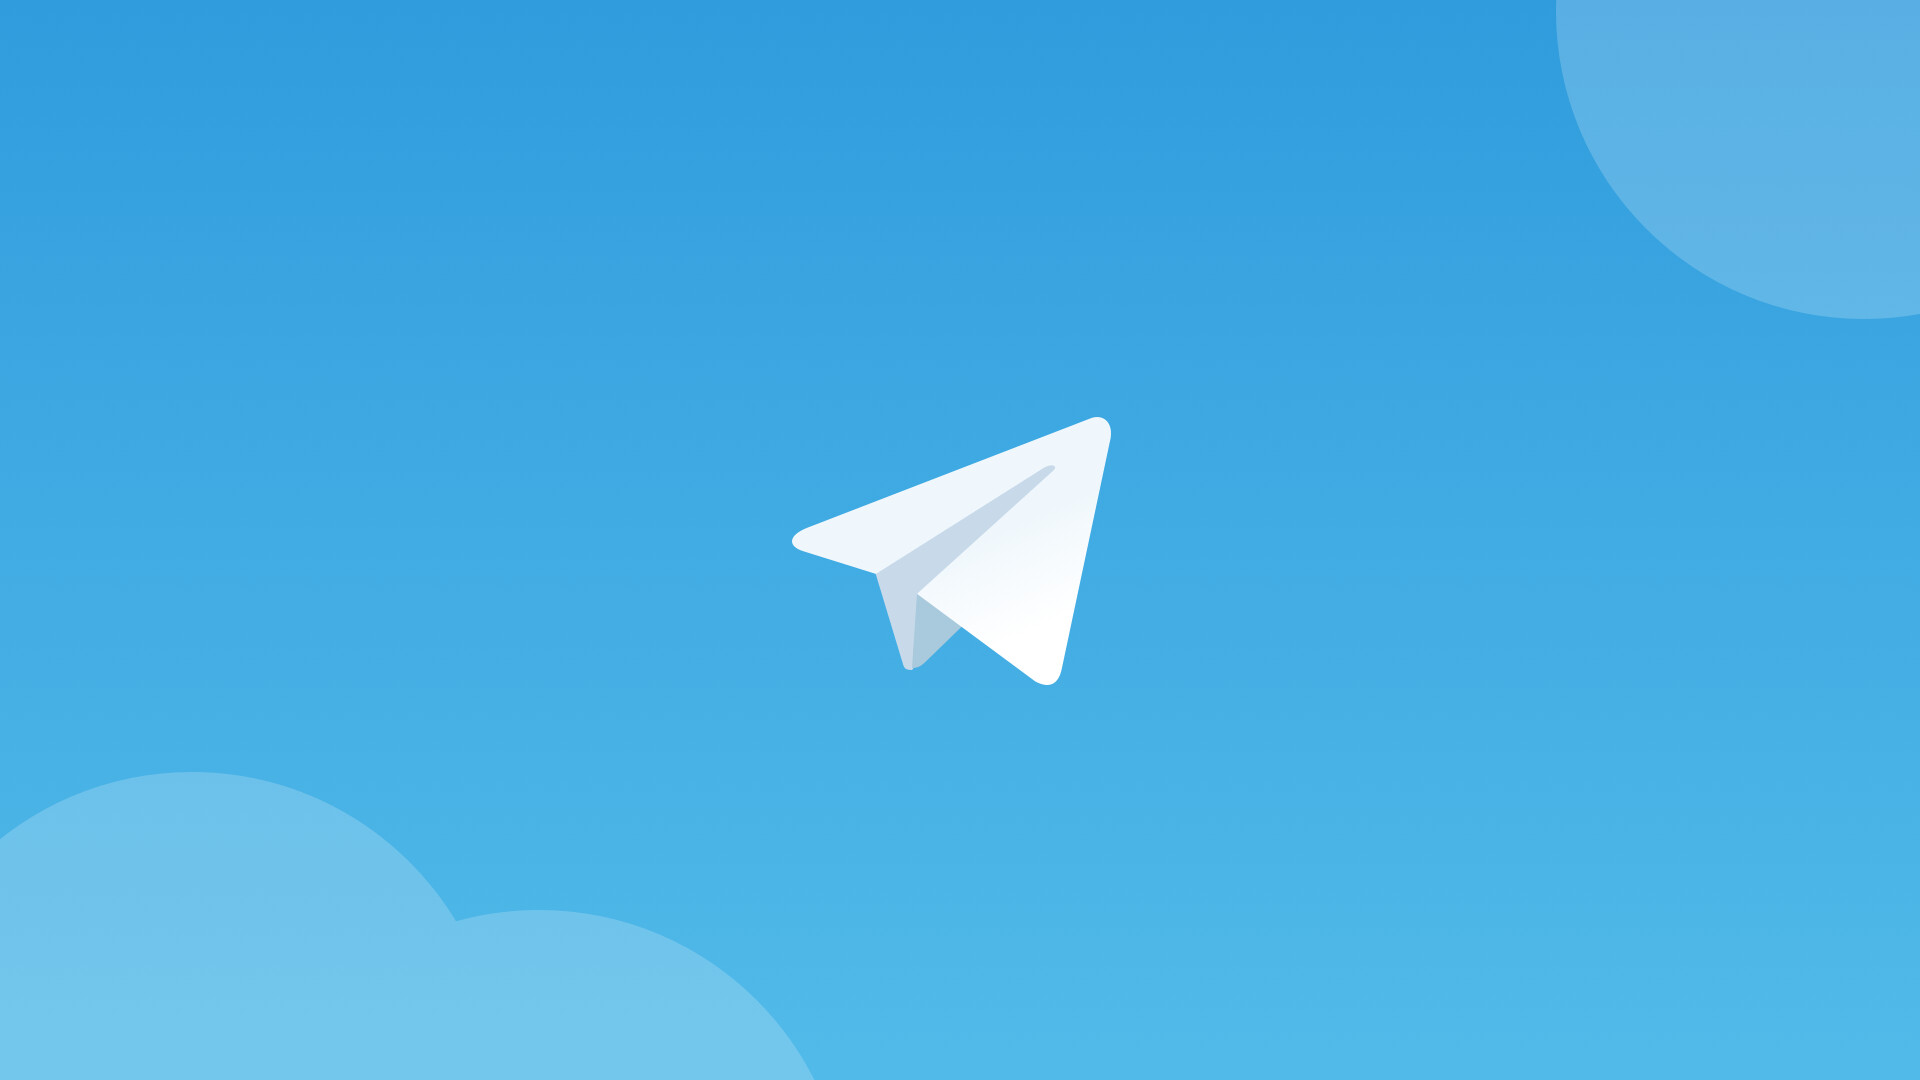 جهرمی: مذاکره با تلگرام به دستور حاکمیت بود و به خاطر مسائل امنیتی به نتیجه نرسید